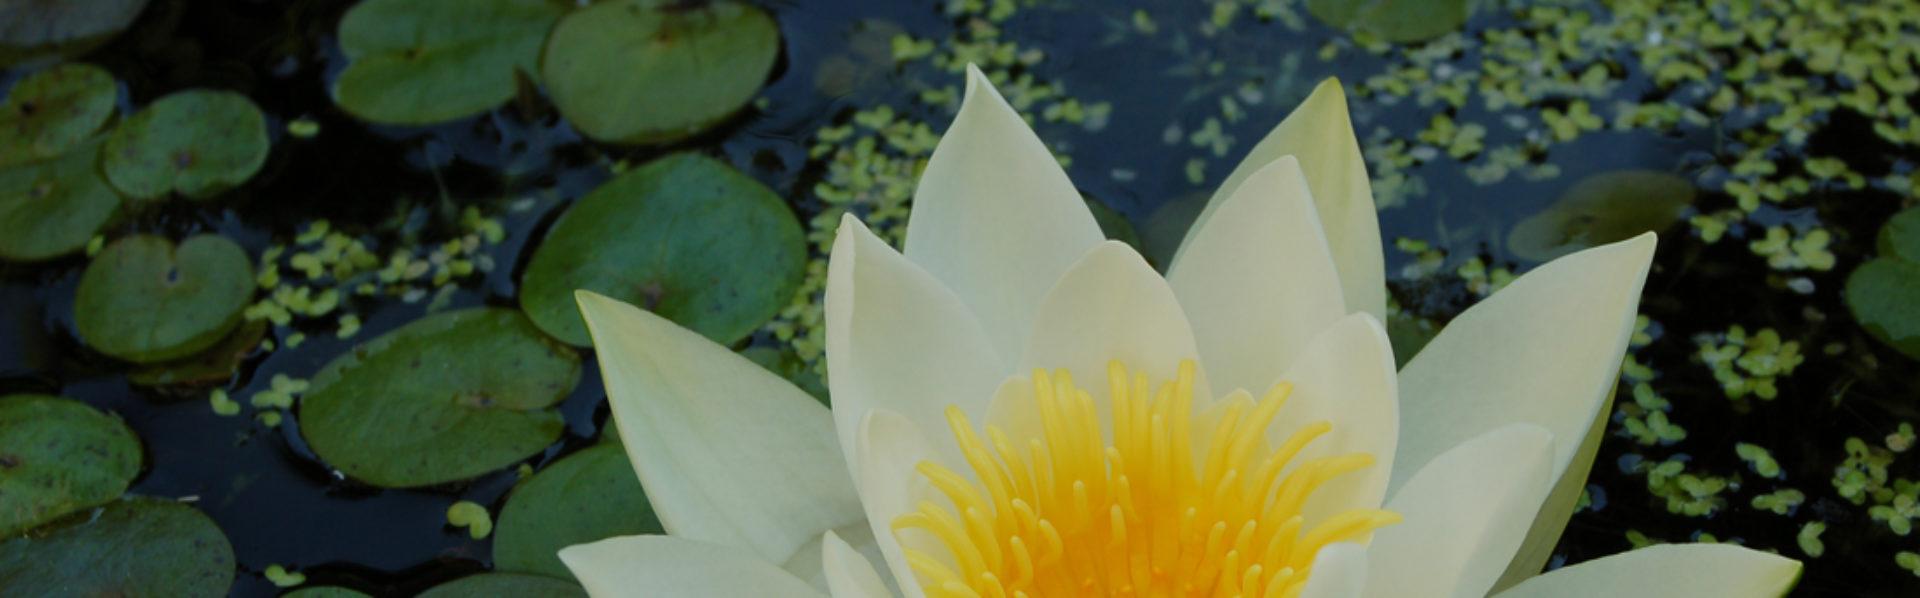 Praktijk voor Holistische Massage Christiaan Hendriks